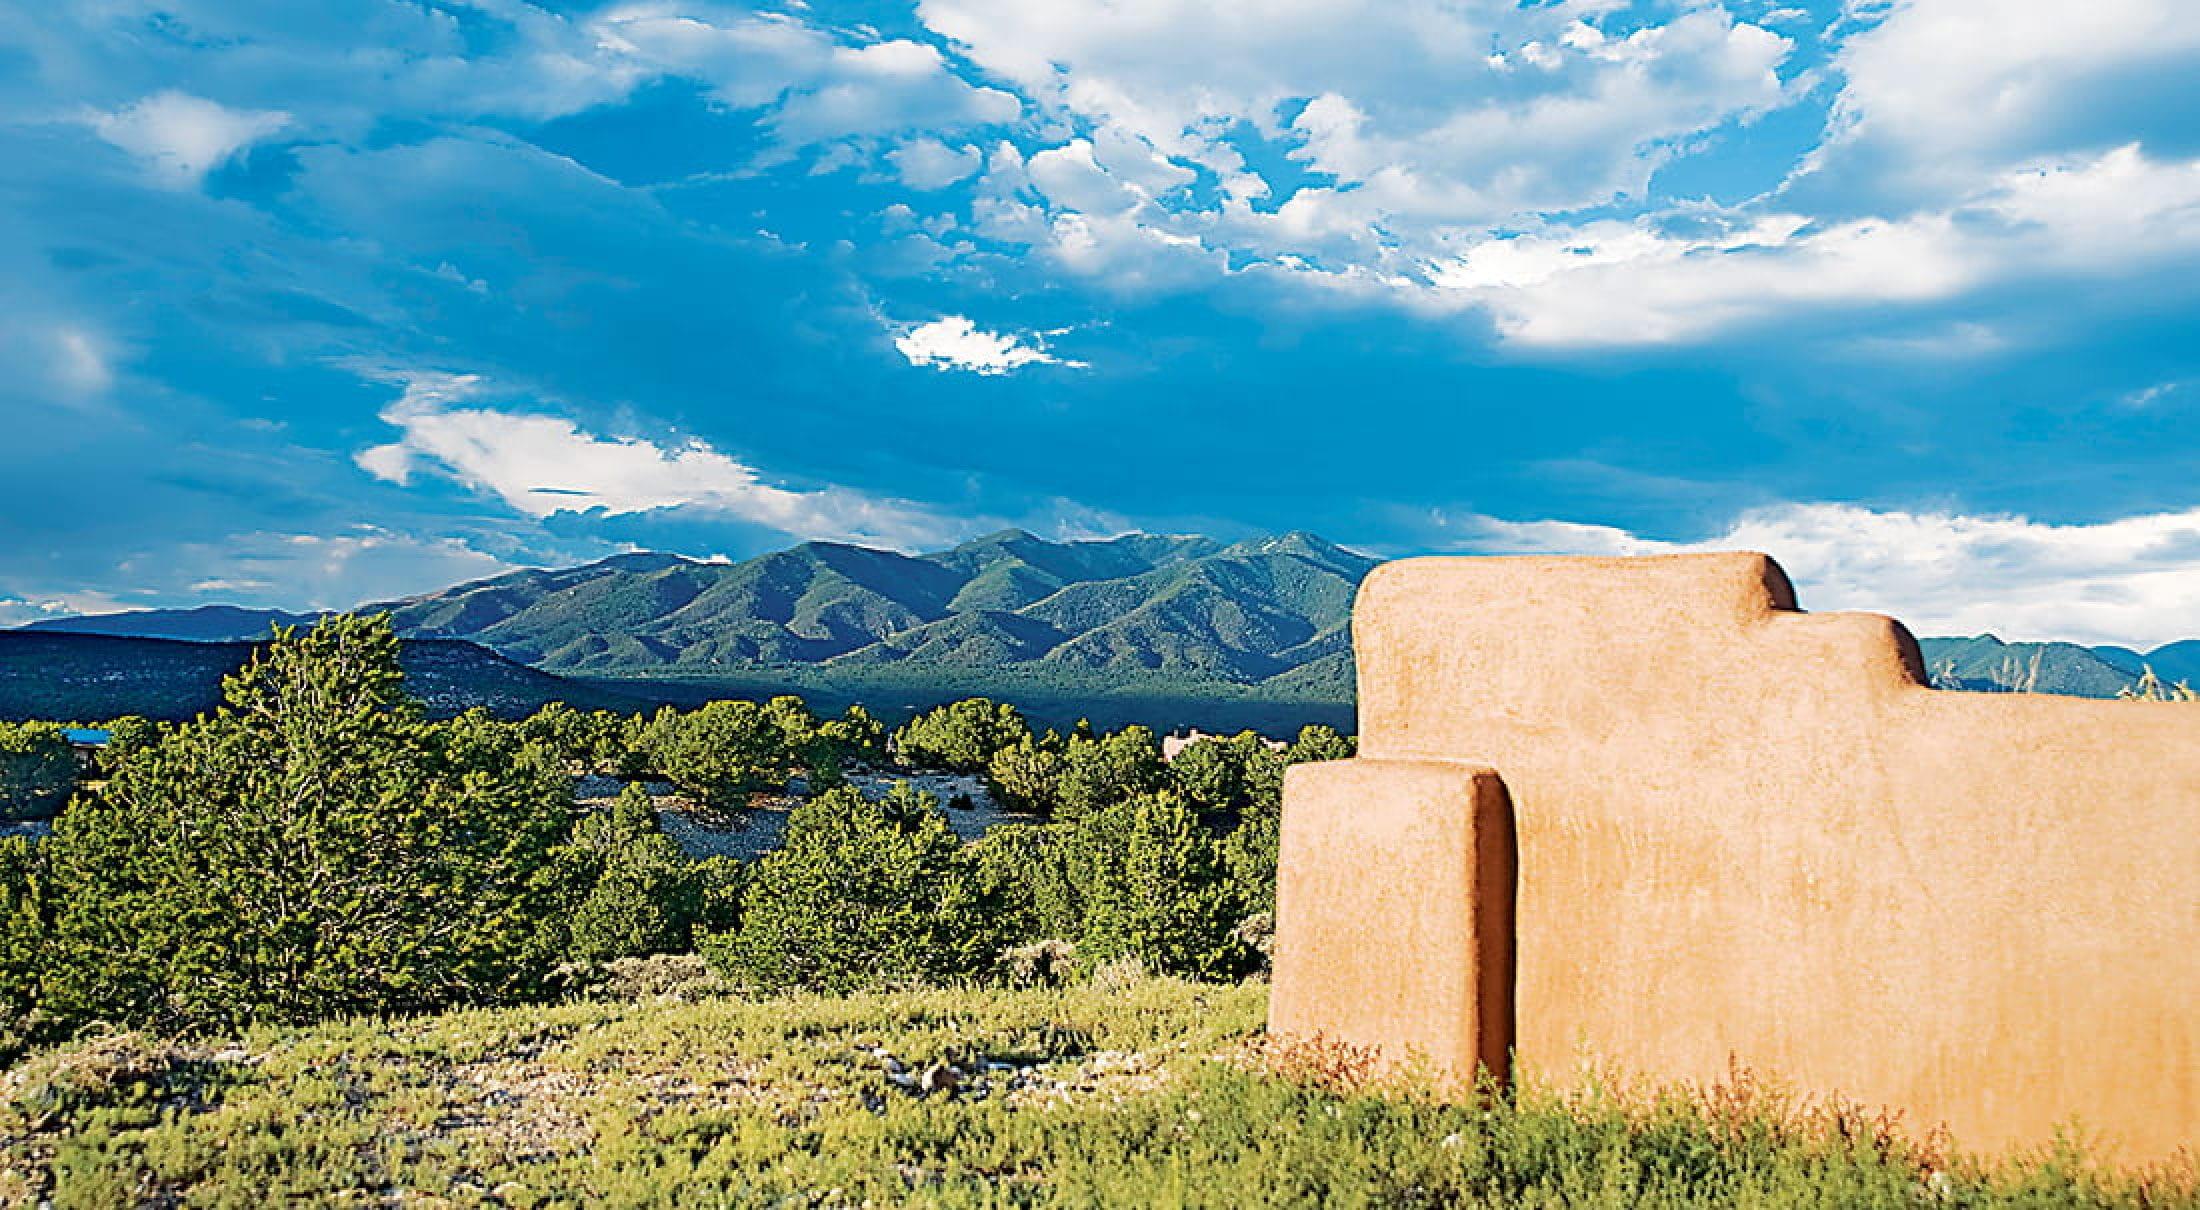 SMU-in-Taos Cultural Institute